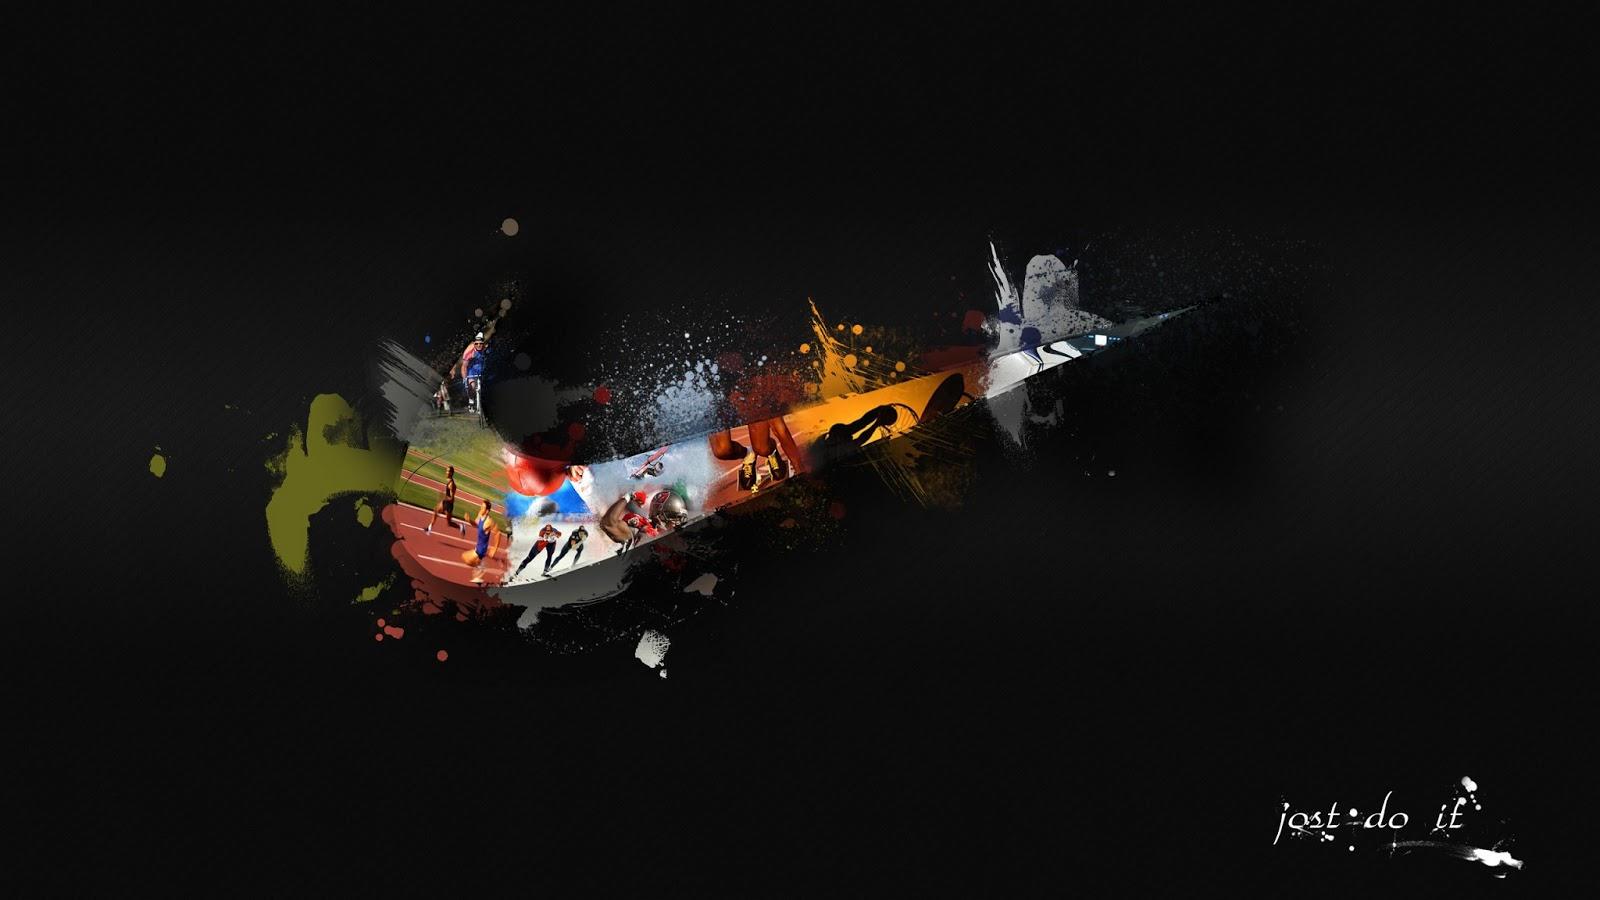 Nike Wallpaper Hd 1080p Wallpapersafari